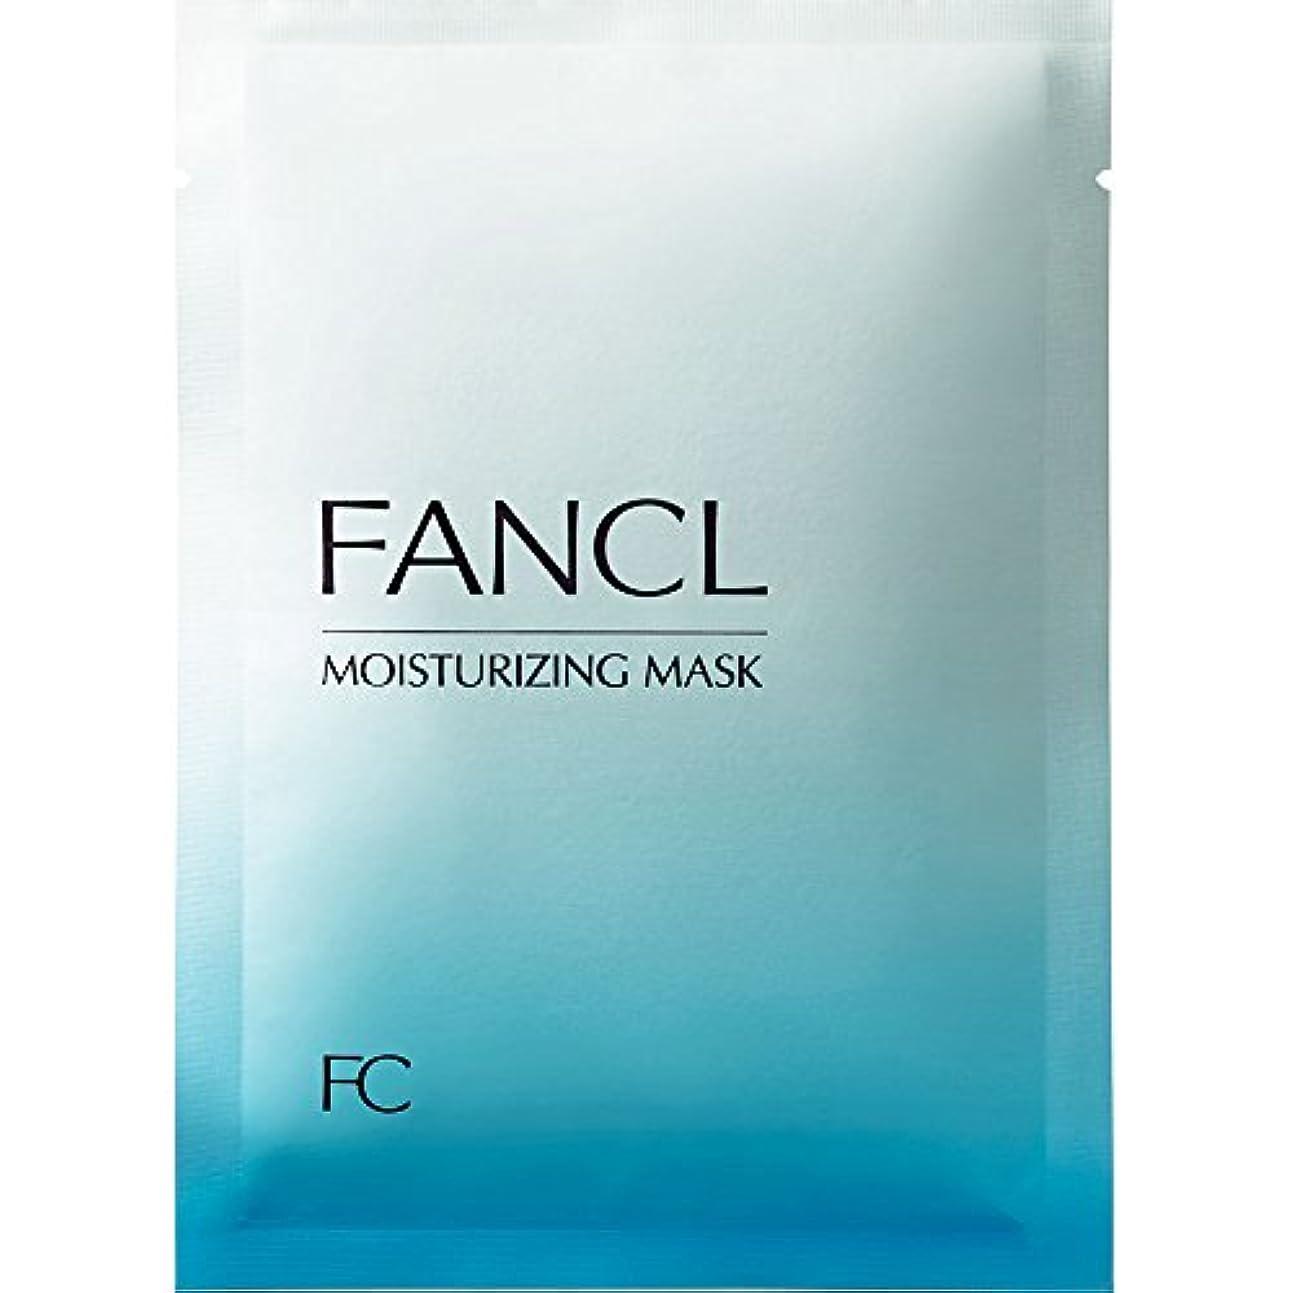 運命楽観的静めるファンケル(FANCL) モイスチャライジング マスク 18mL×6枚